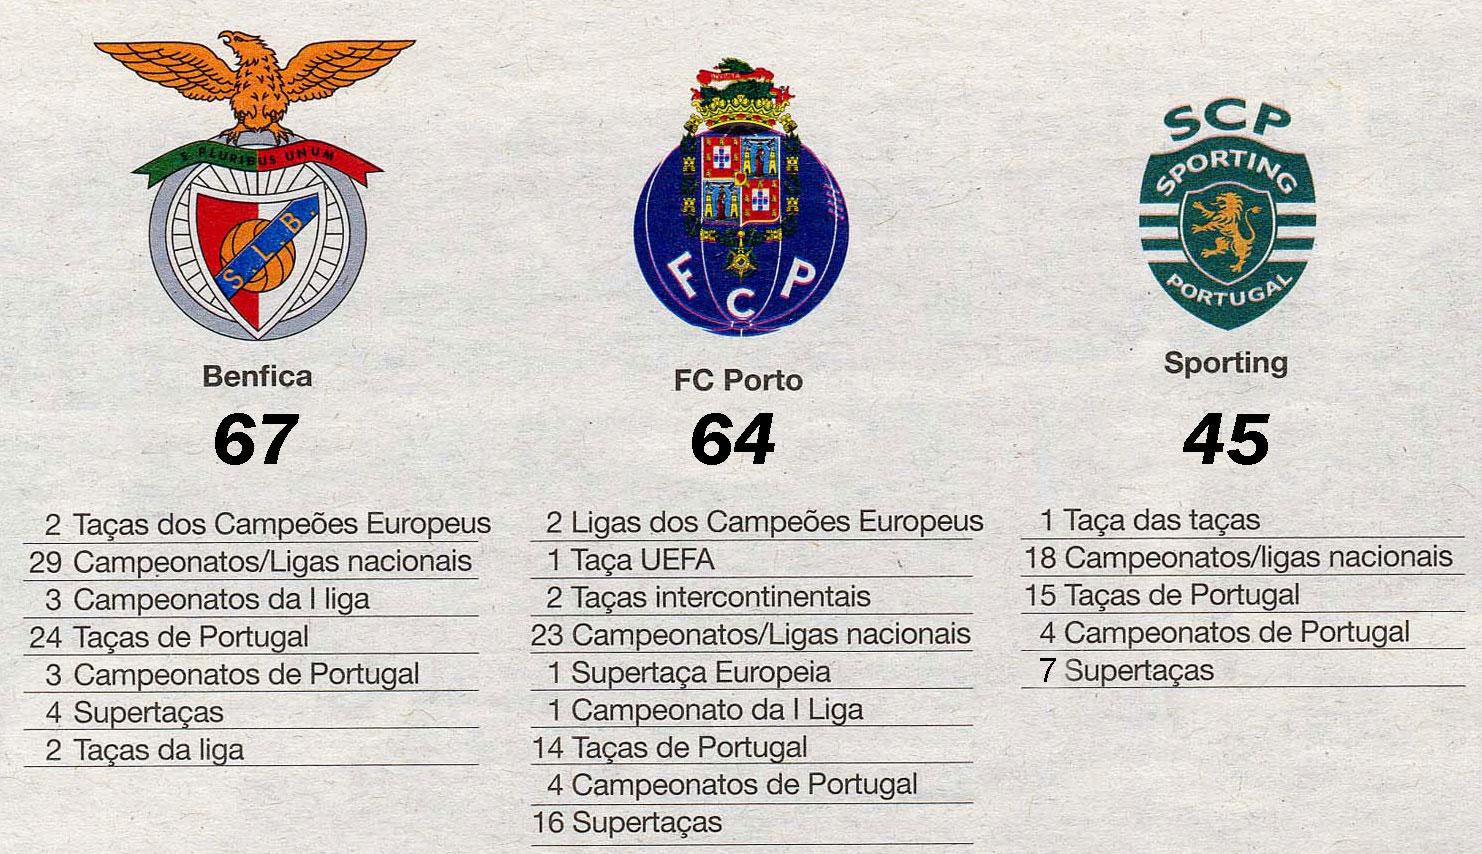 LEÃO DA ESTRELA: Sporting, Benfica e FC Porto: todos os títulos